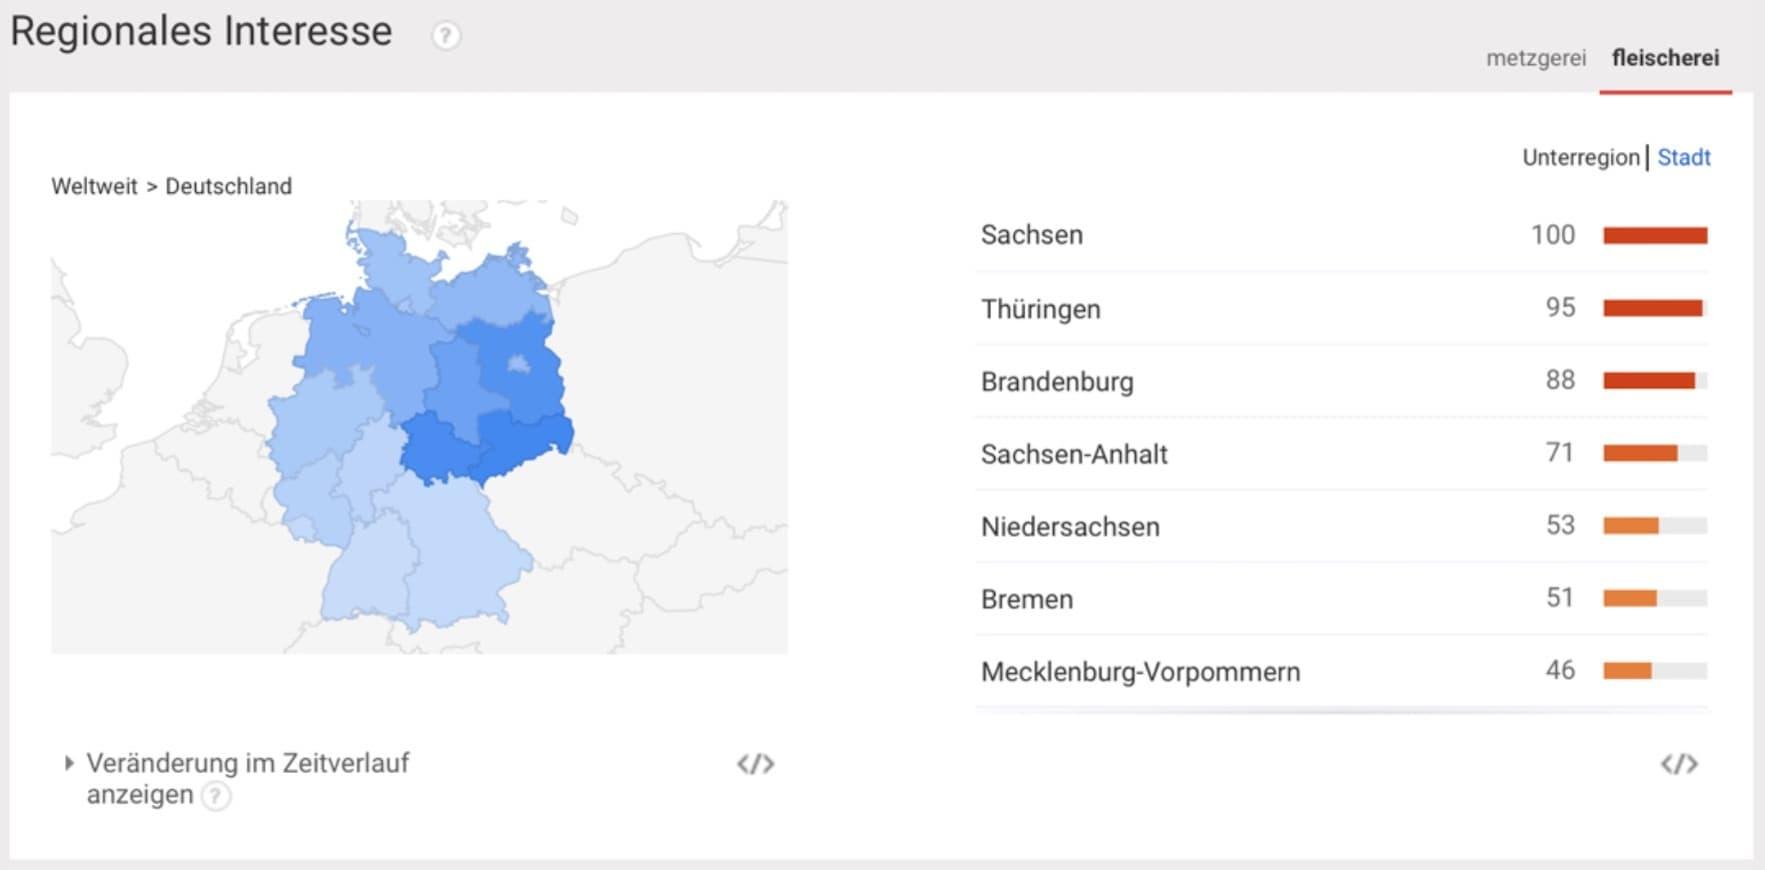 Regionales Interesse des Keywords Fleischerei in Deutschland bei Google Trends